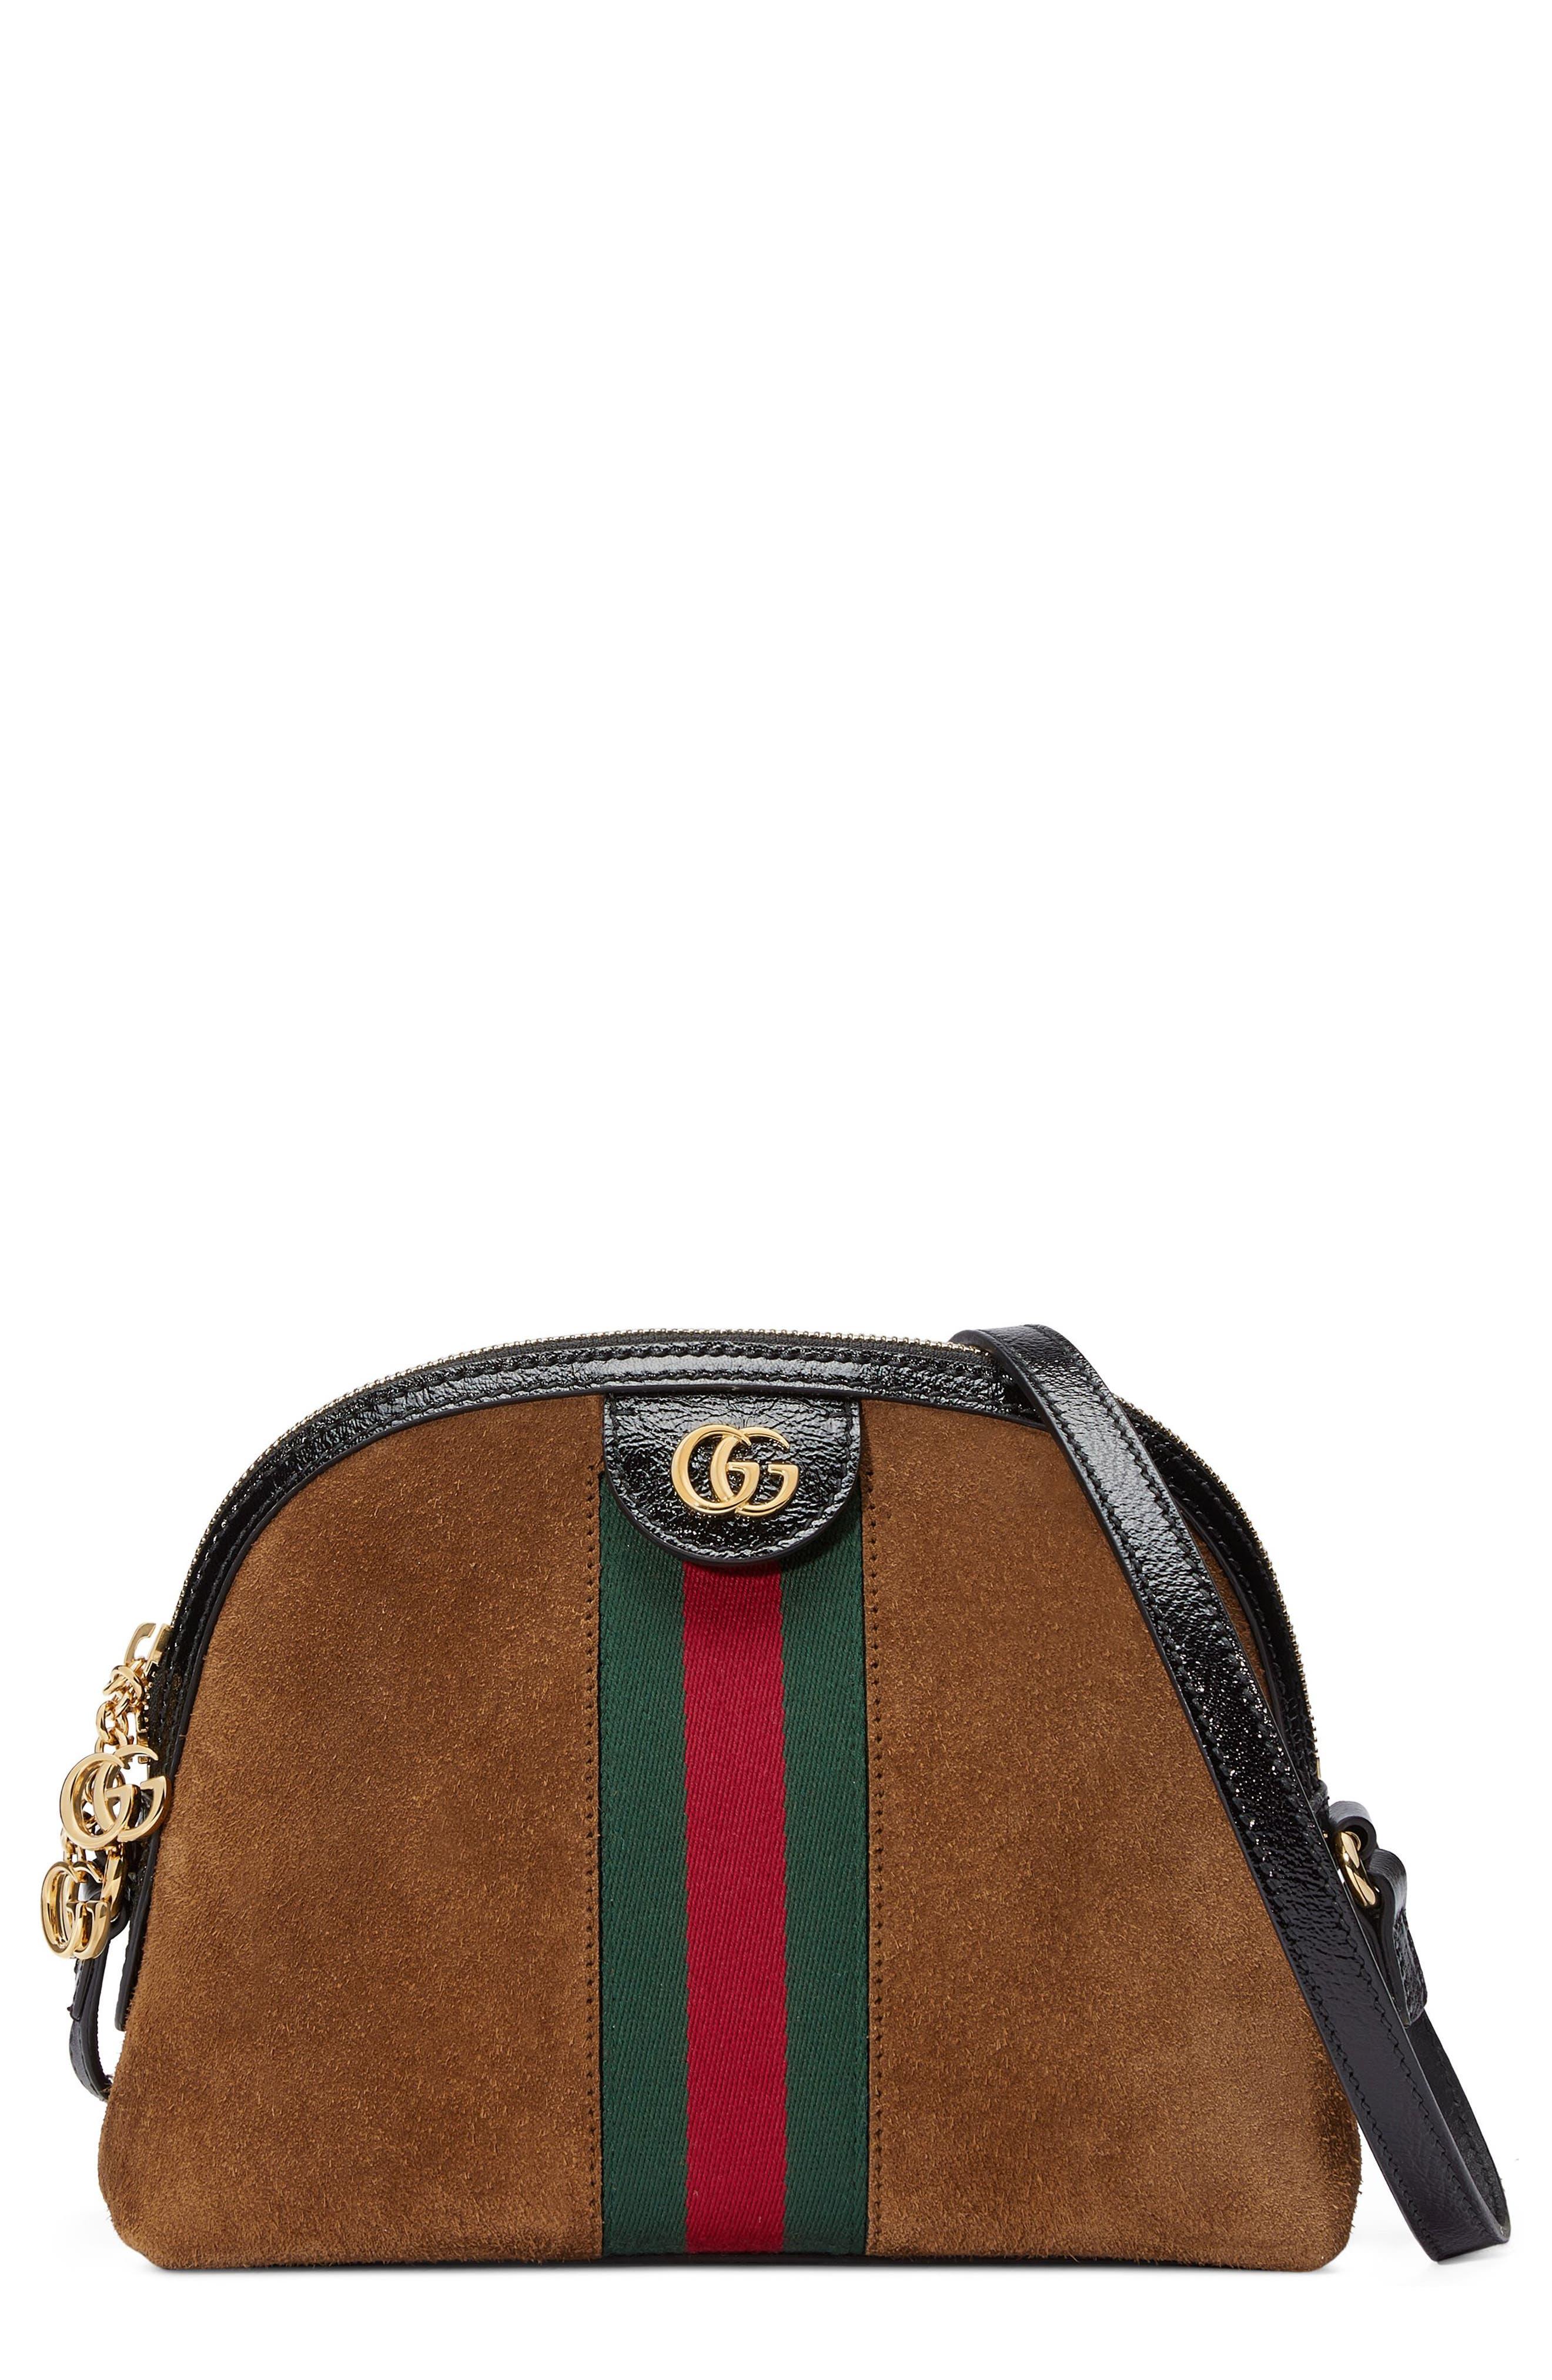 Small Suede Shoulder Bag,                             Main thumbnail 1, color,                             Nocciola/ Nero/ Vert Red Vert